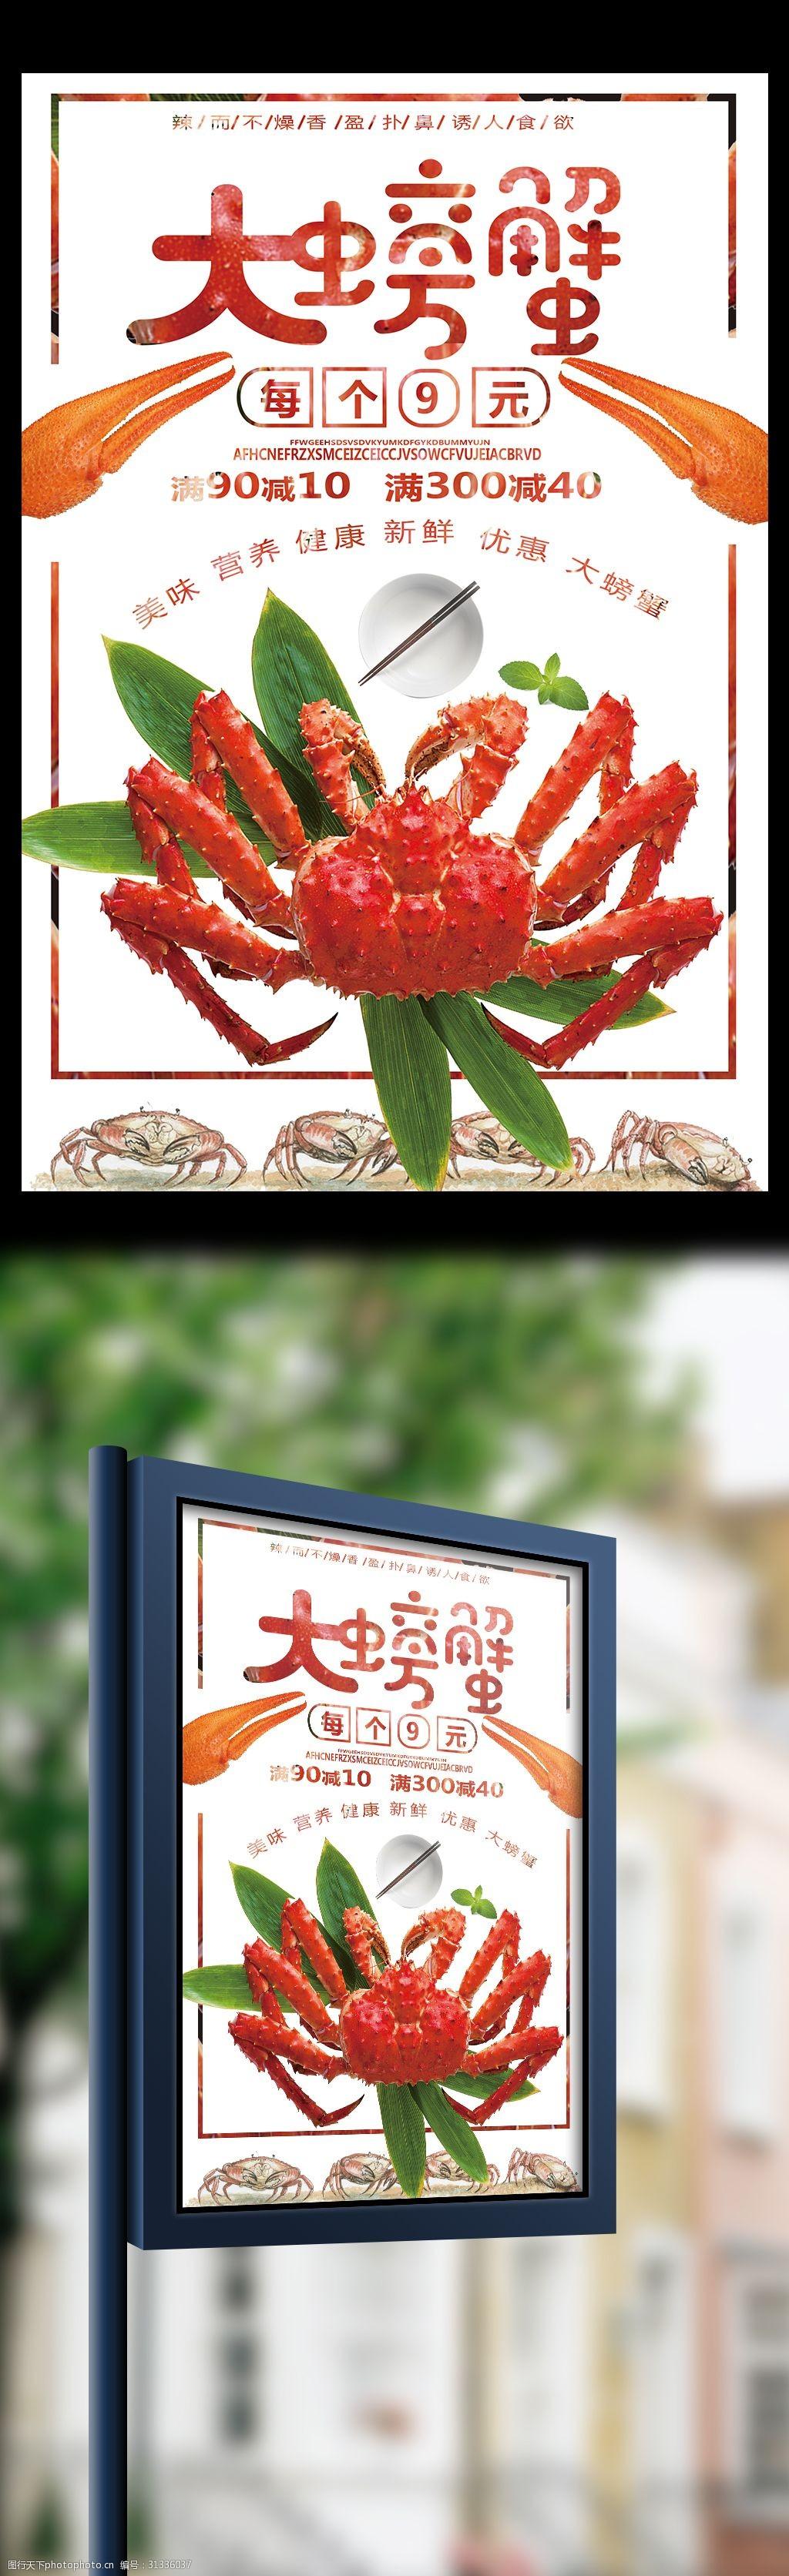 大螃蟹海鮮美食促銷海報